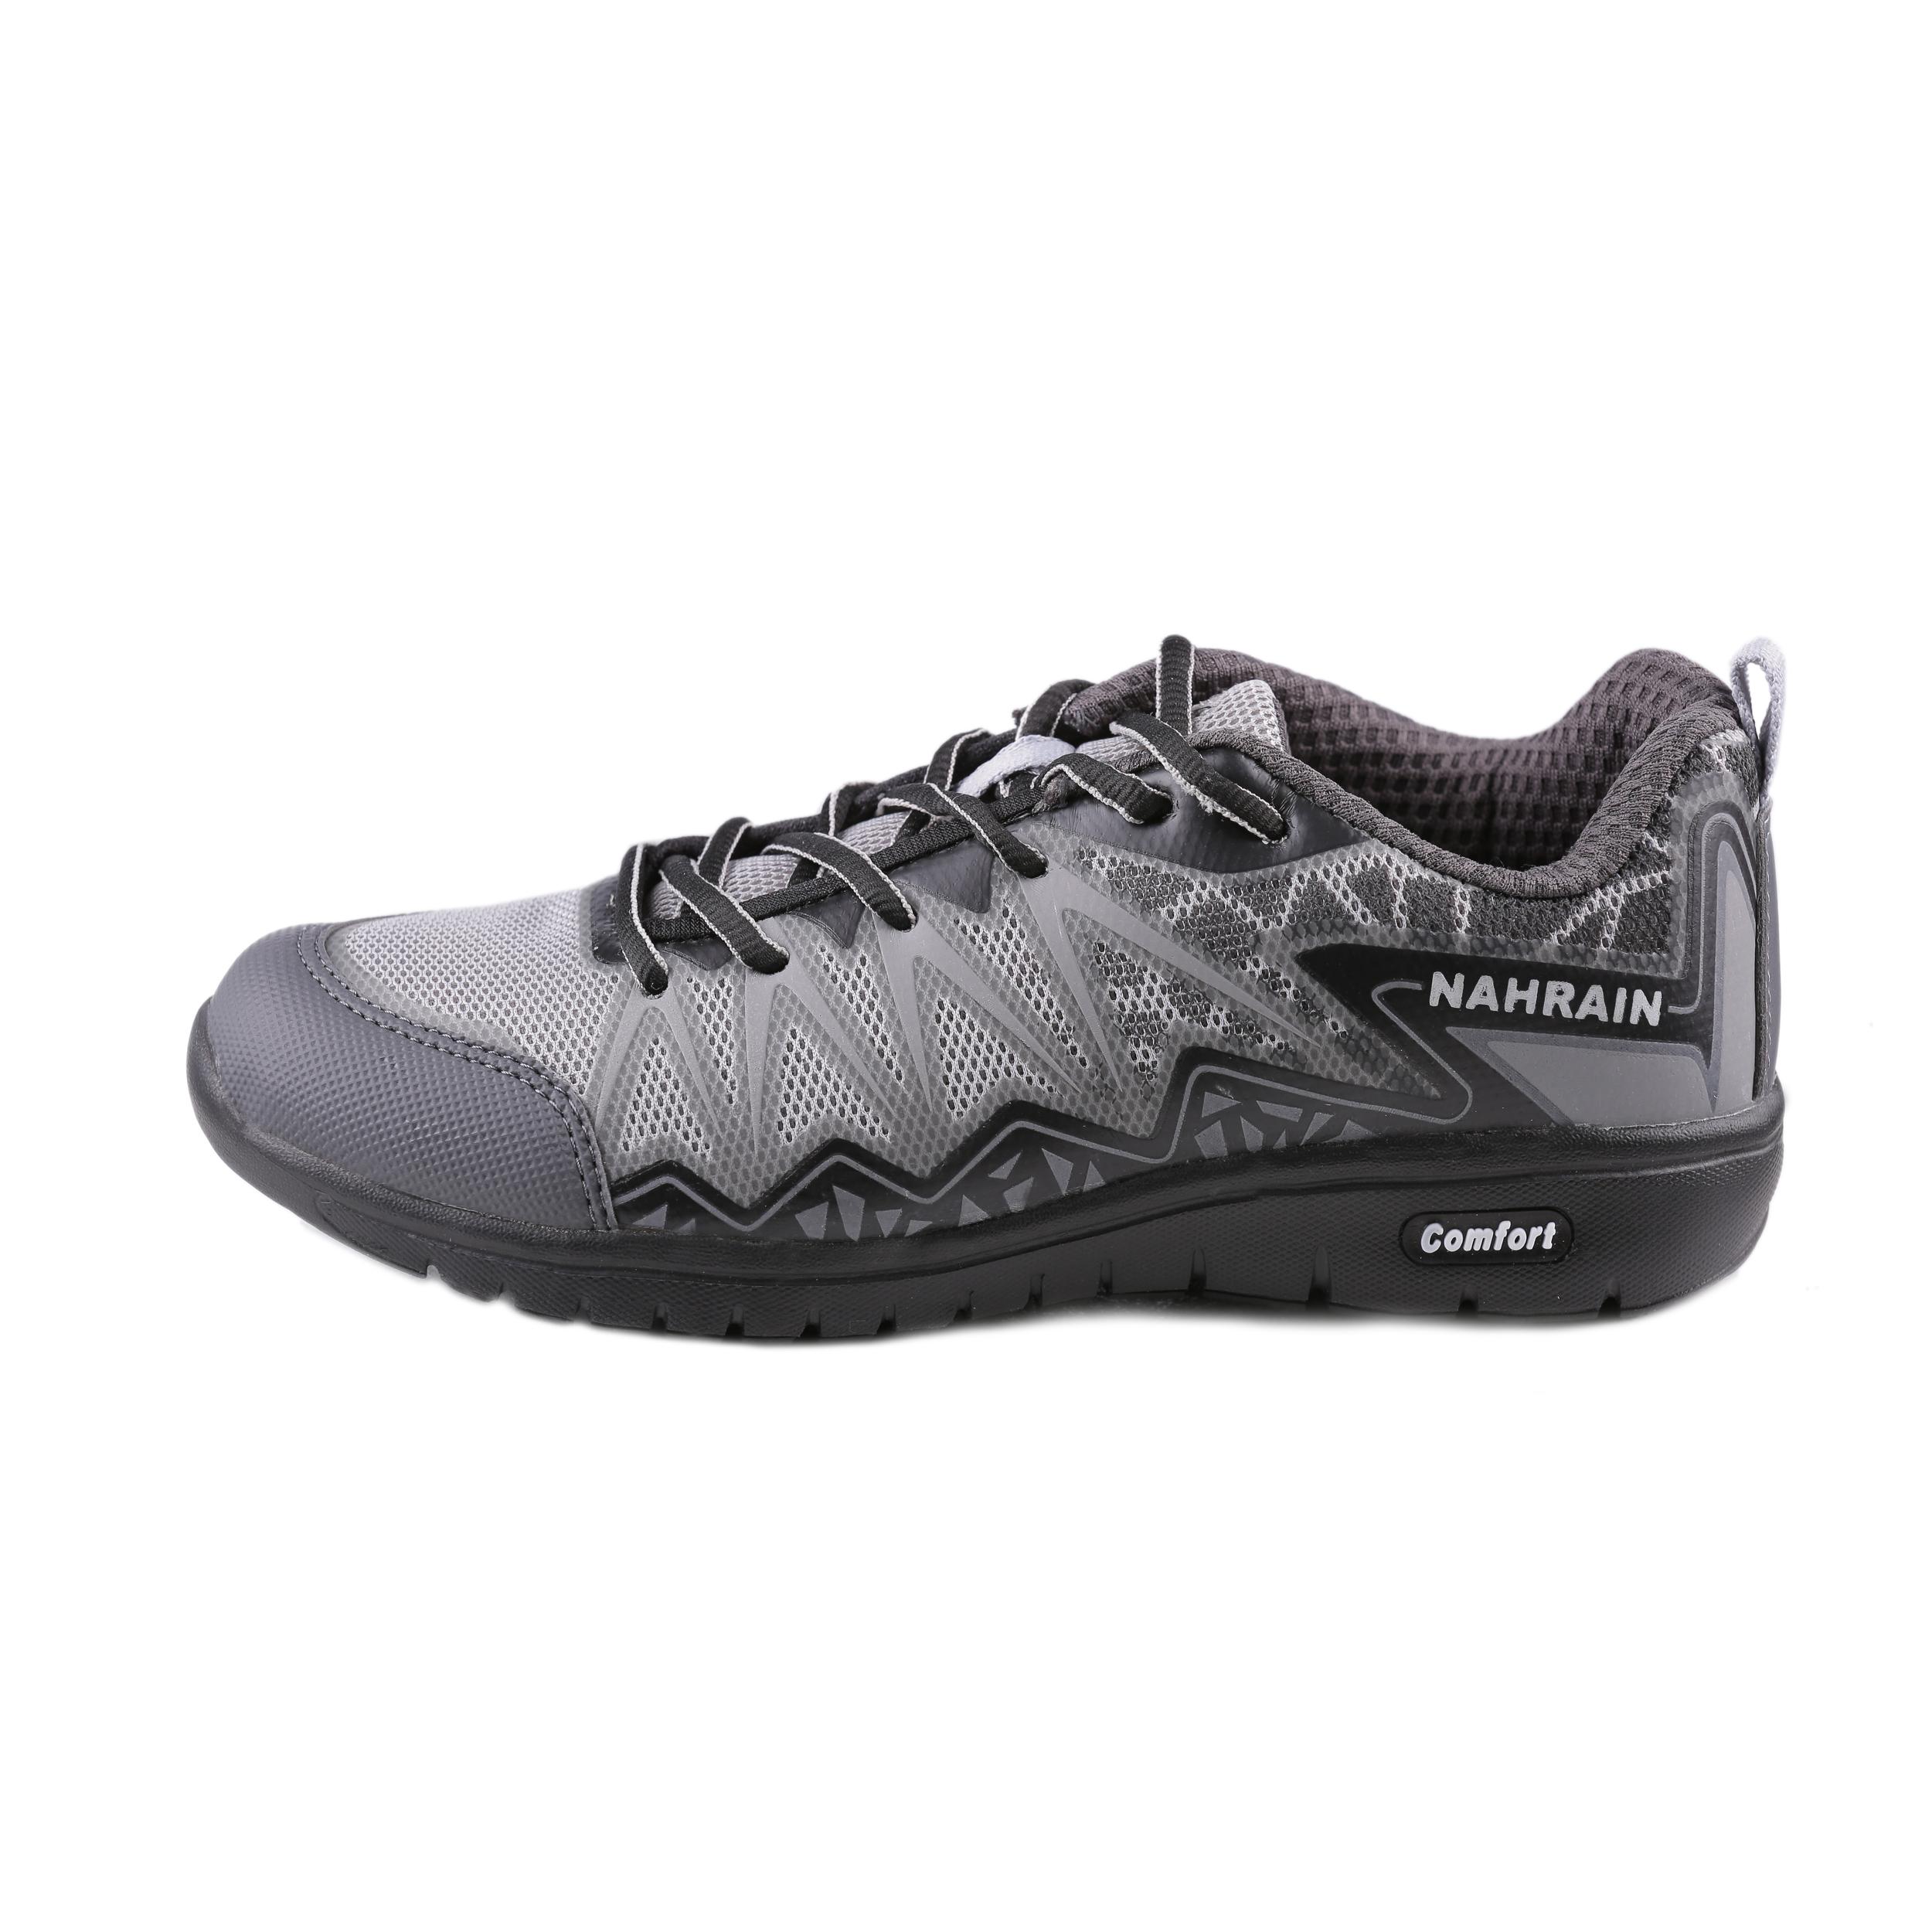 کفش ورزشی زنانه نهرین مدل crest کد 1